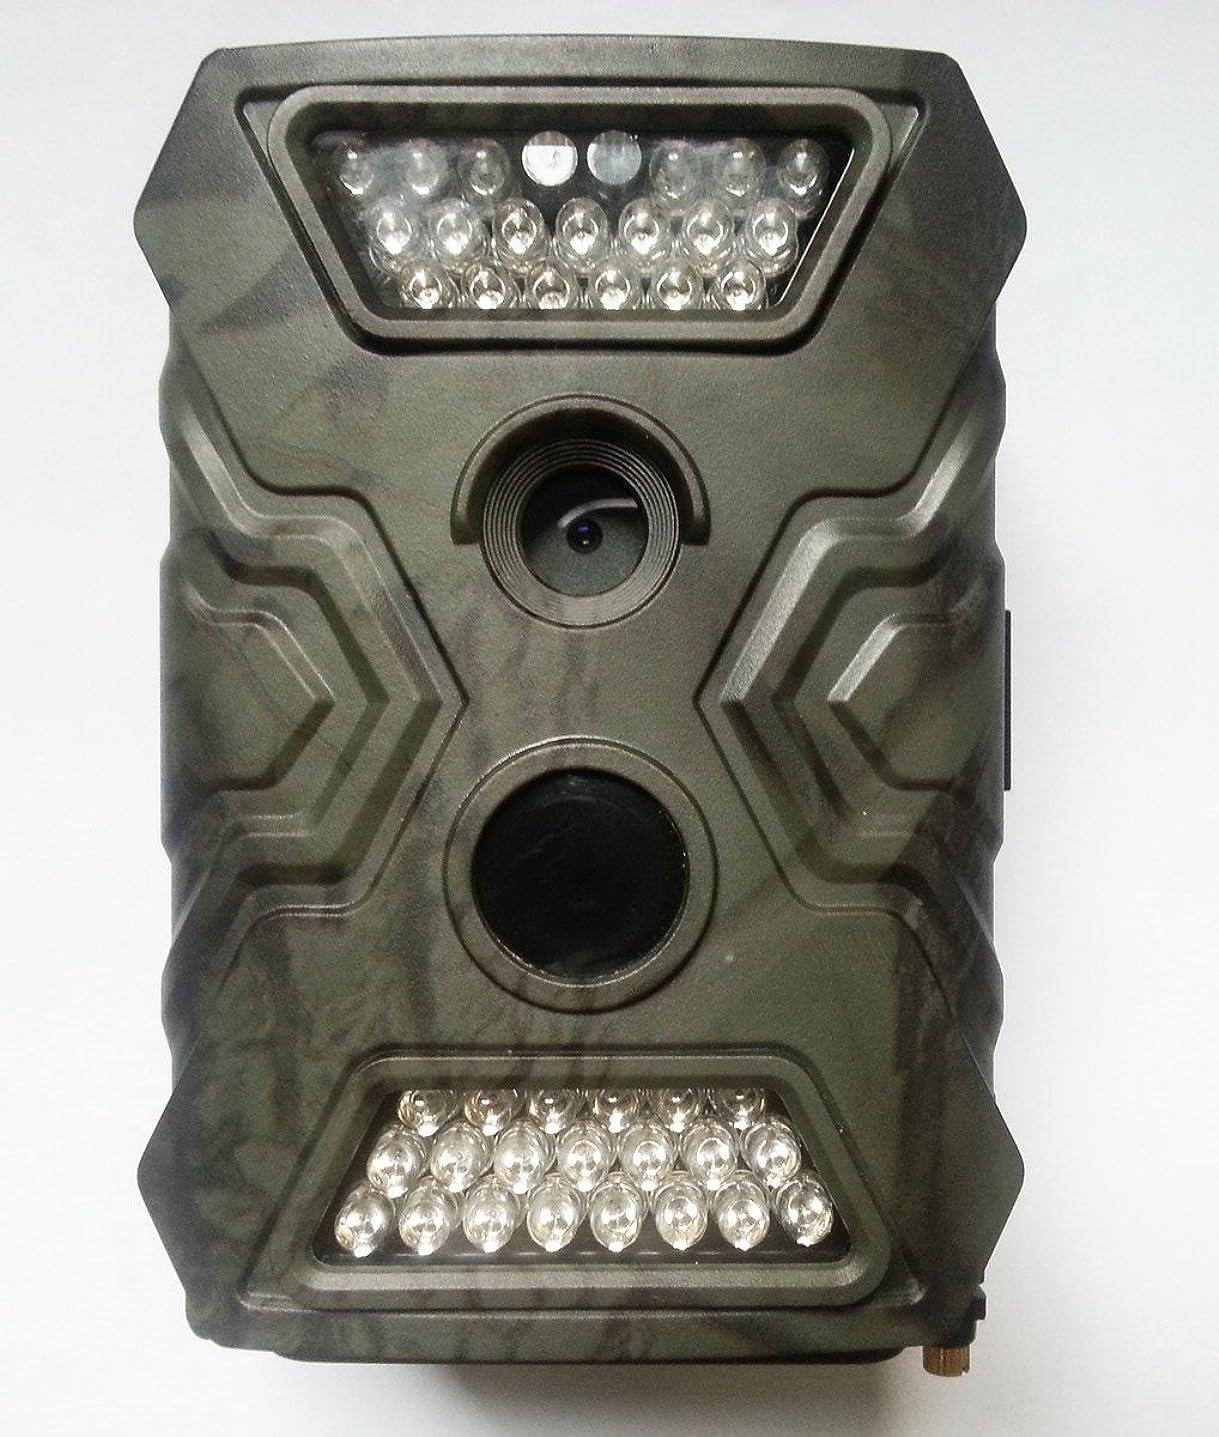 同意基本的なスケッチトレイルカメラ 500万画素 720P録画 30fps  40個赤外線LED搭載 野生動物の生態調査に活躍 屋外用の防犯カメラとして最適 防水 時差撮影 不可視赤外線 940nm 野外監視カメラ ハンティングカメラ HC26